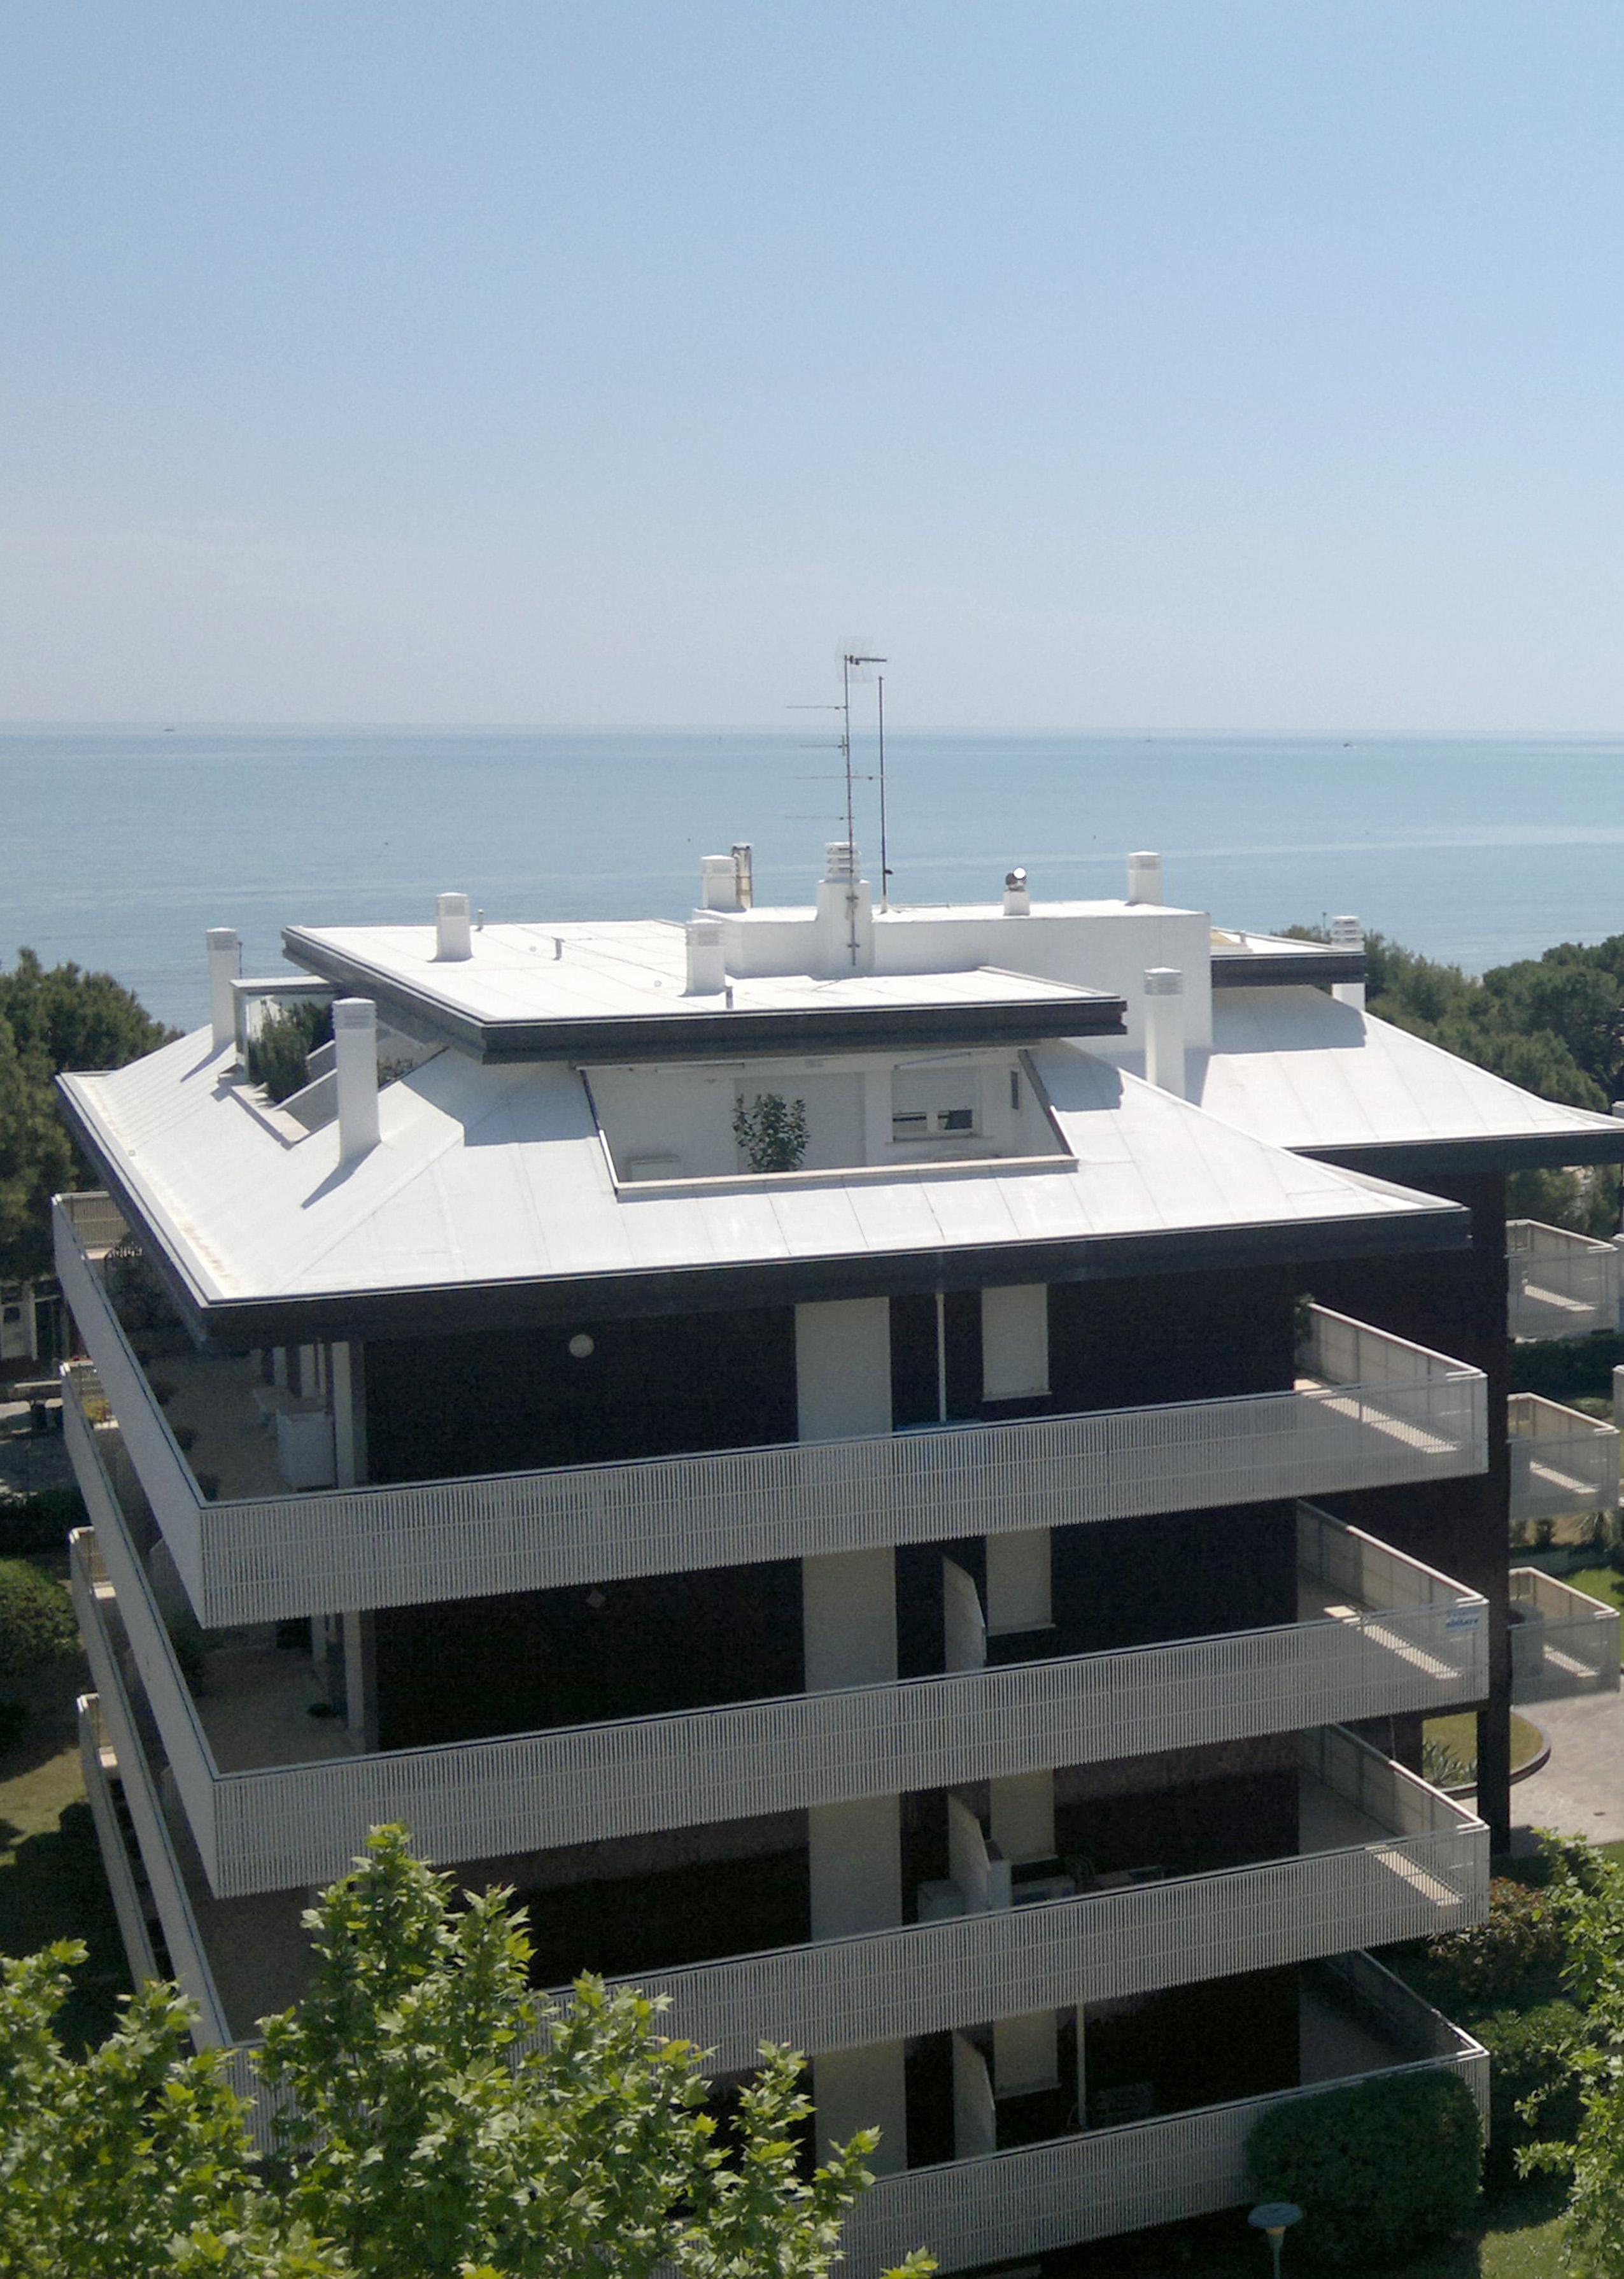 Edificio Residenziale Derbigum